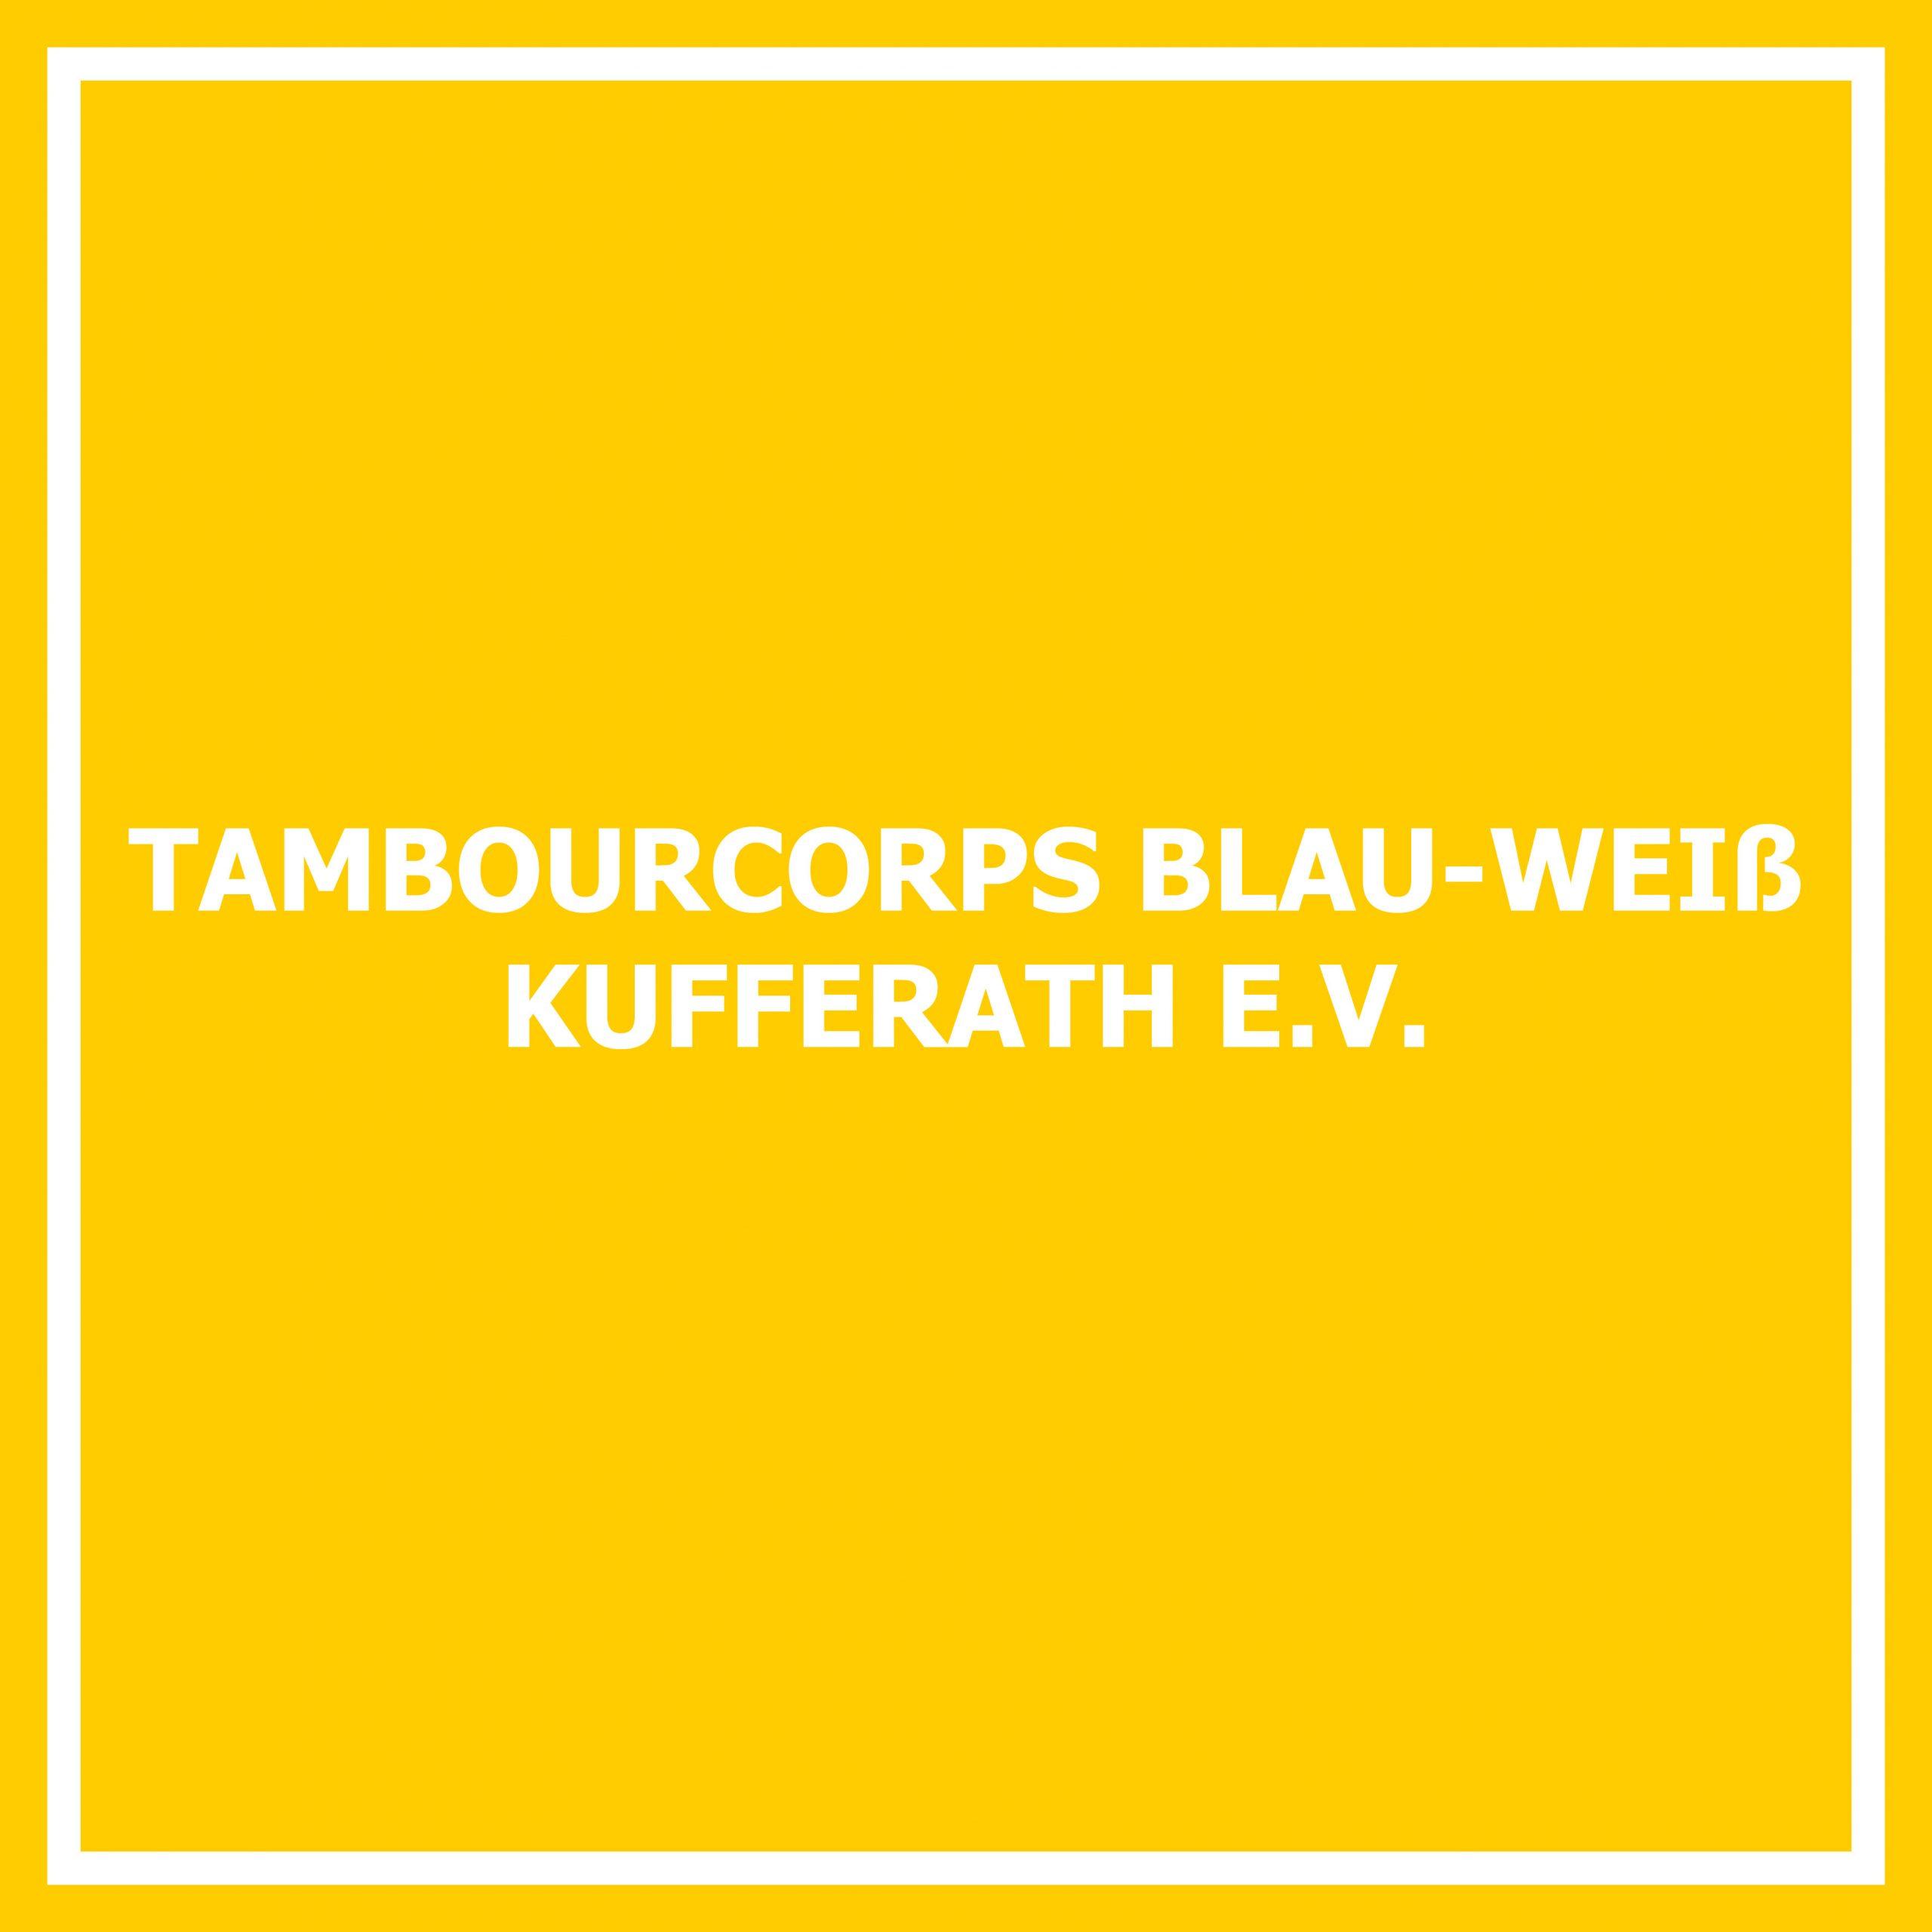 Tambourcorps Blau-Weiß Kufferath e. V.